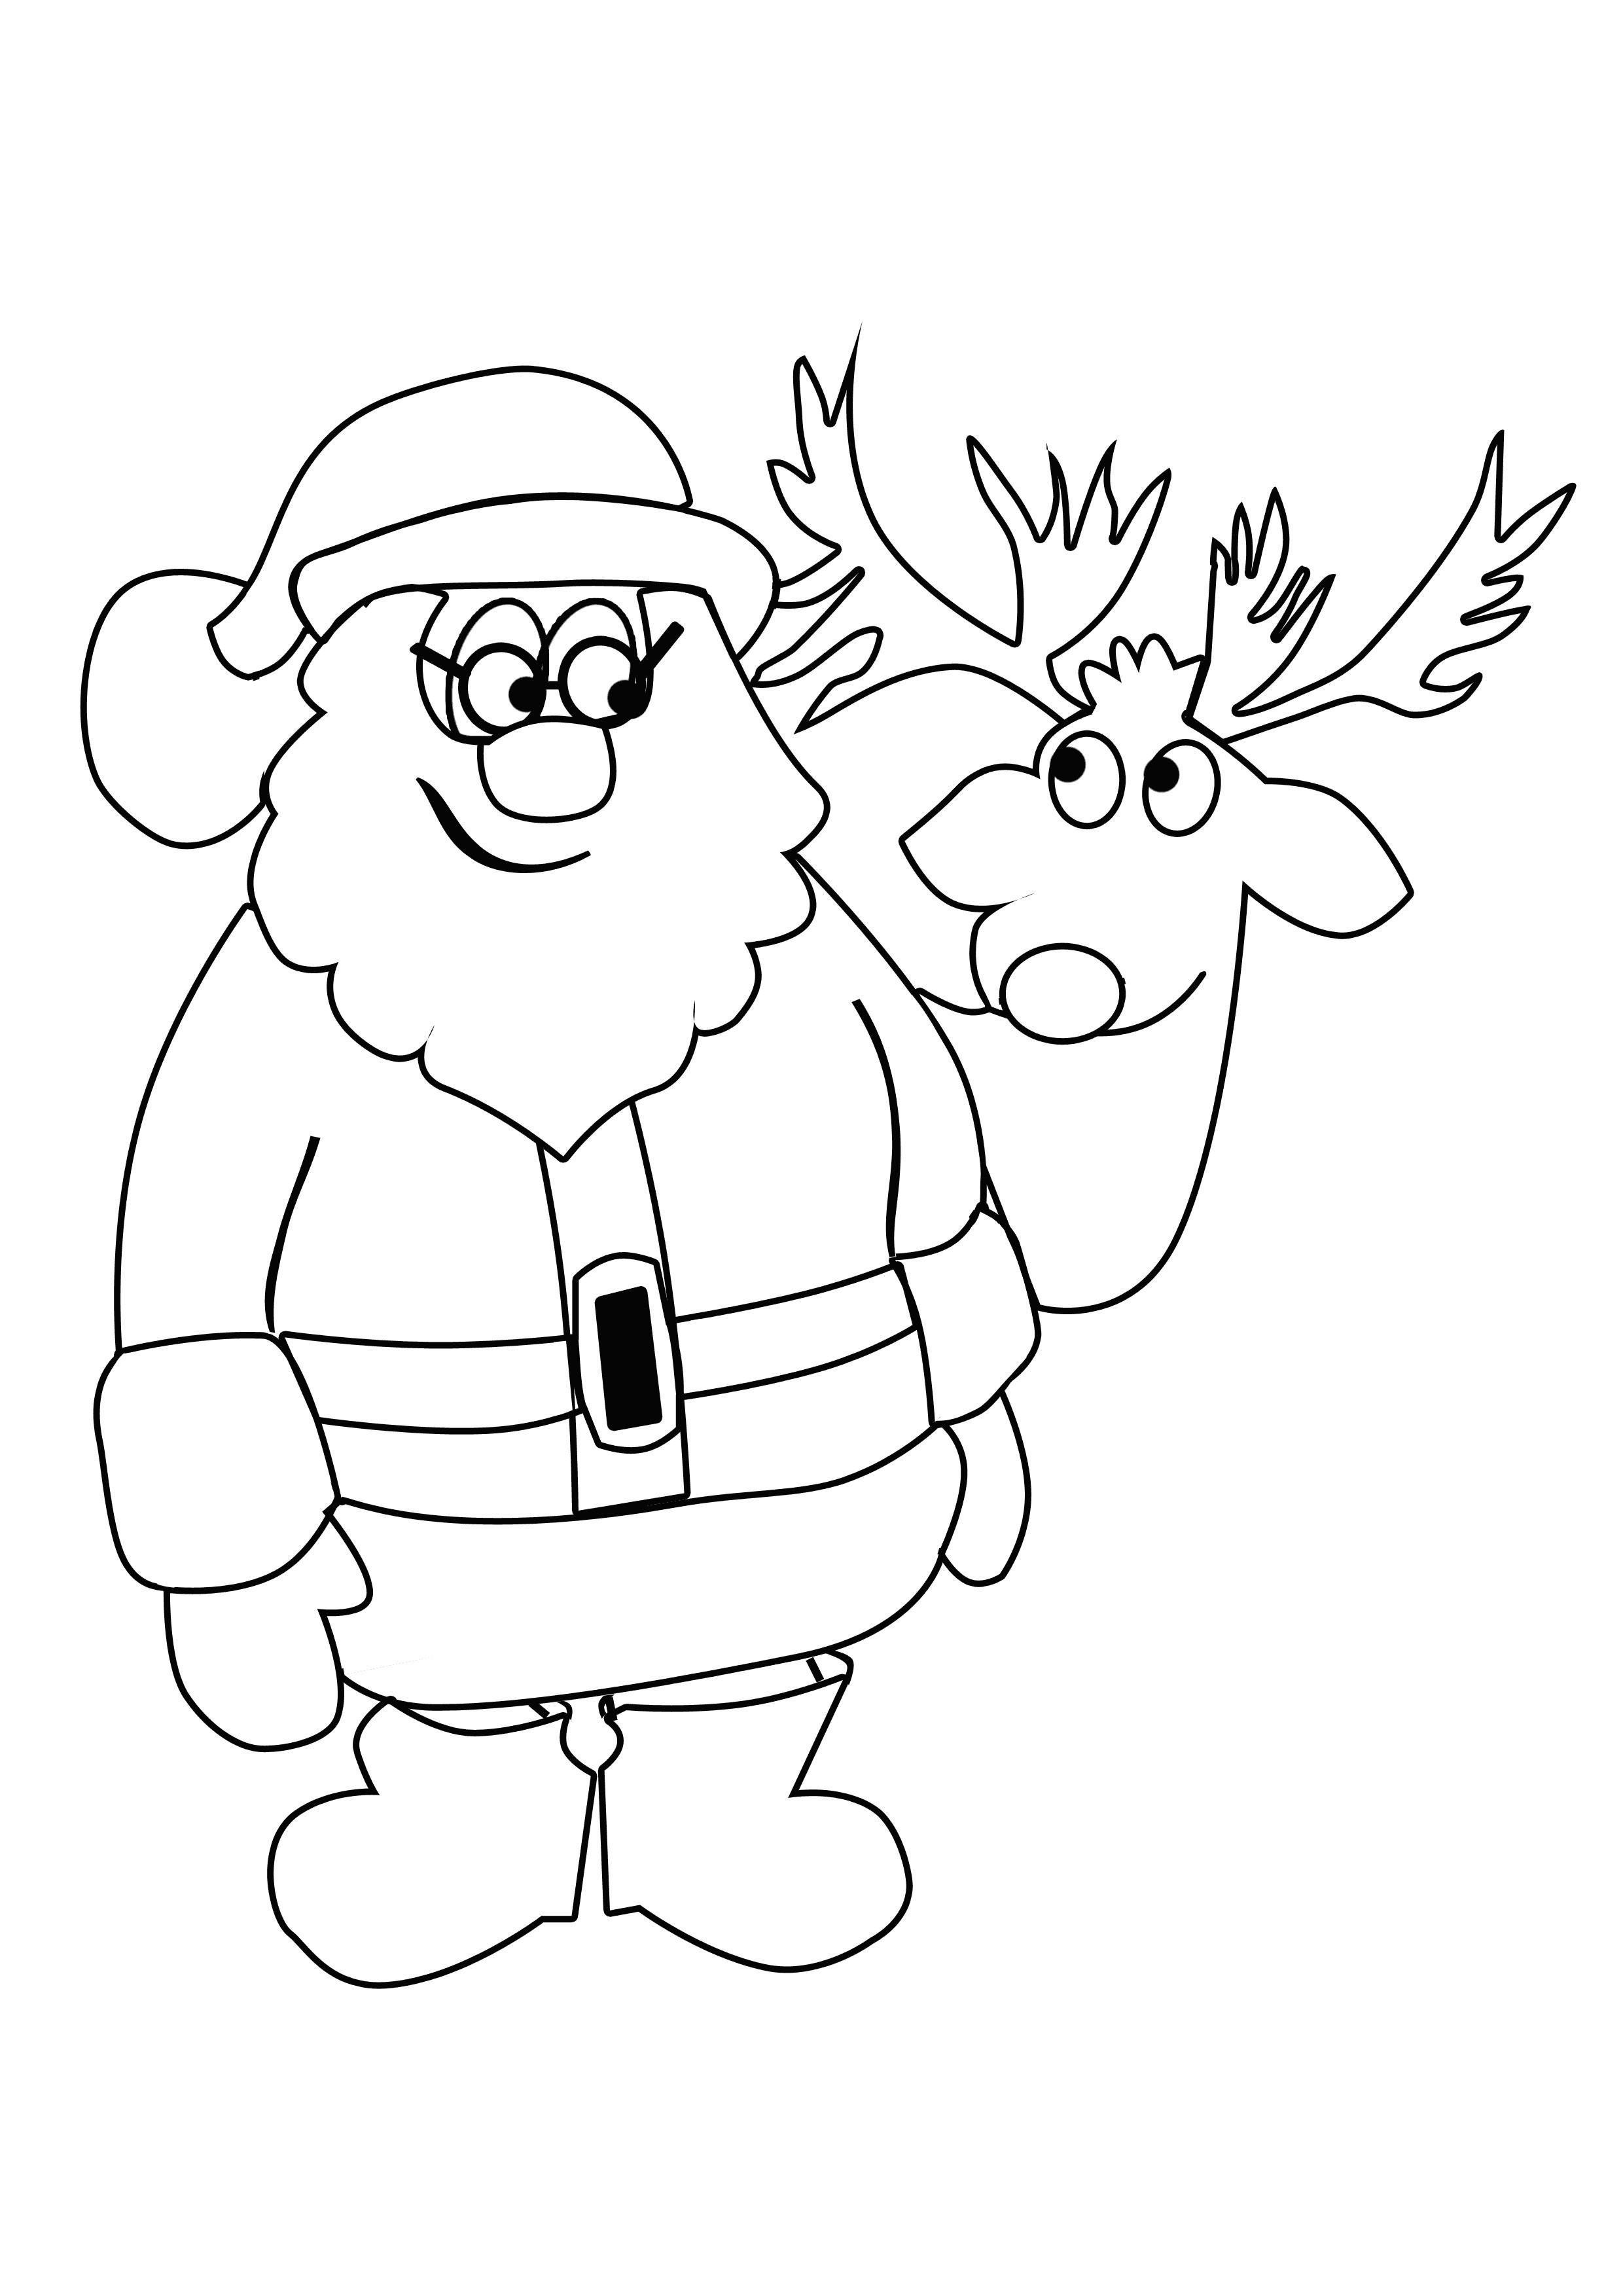 Ausmalbilder Weihnachten Christlich Inspirierend Schablonen Weihnachtsmotive Zum Ausdrucken tongramp Sammlung